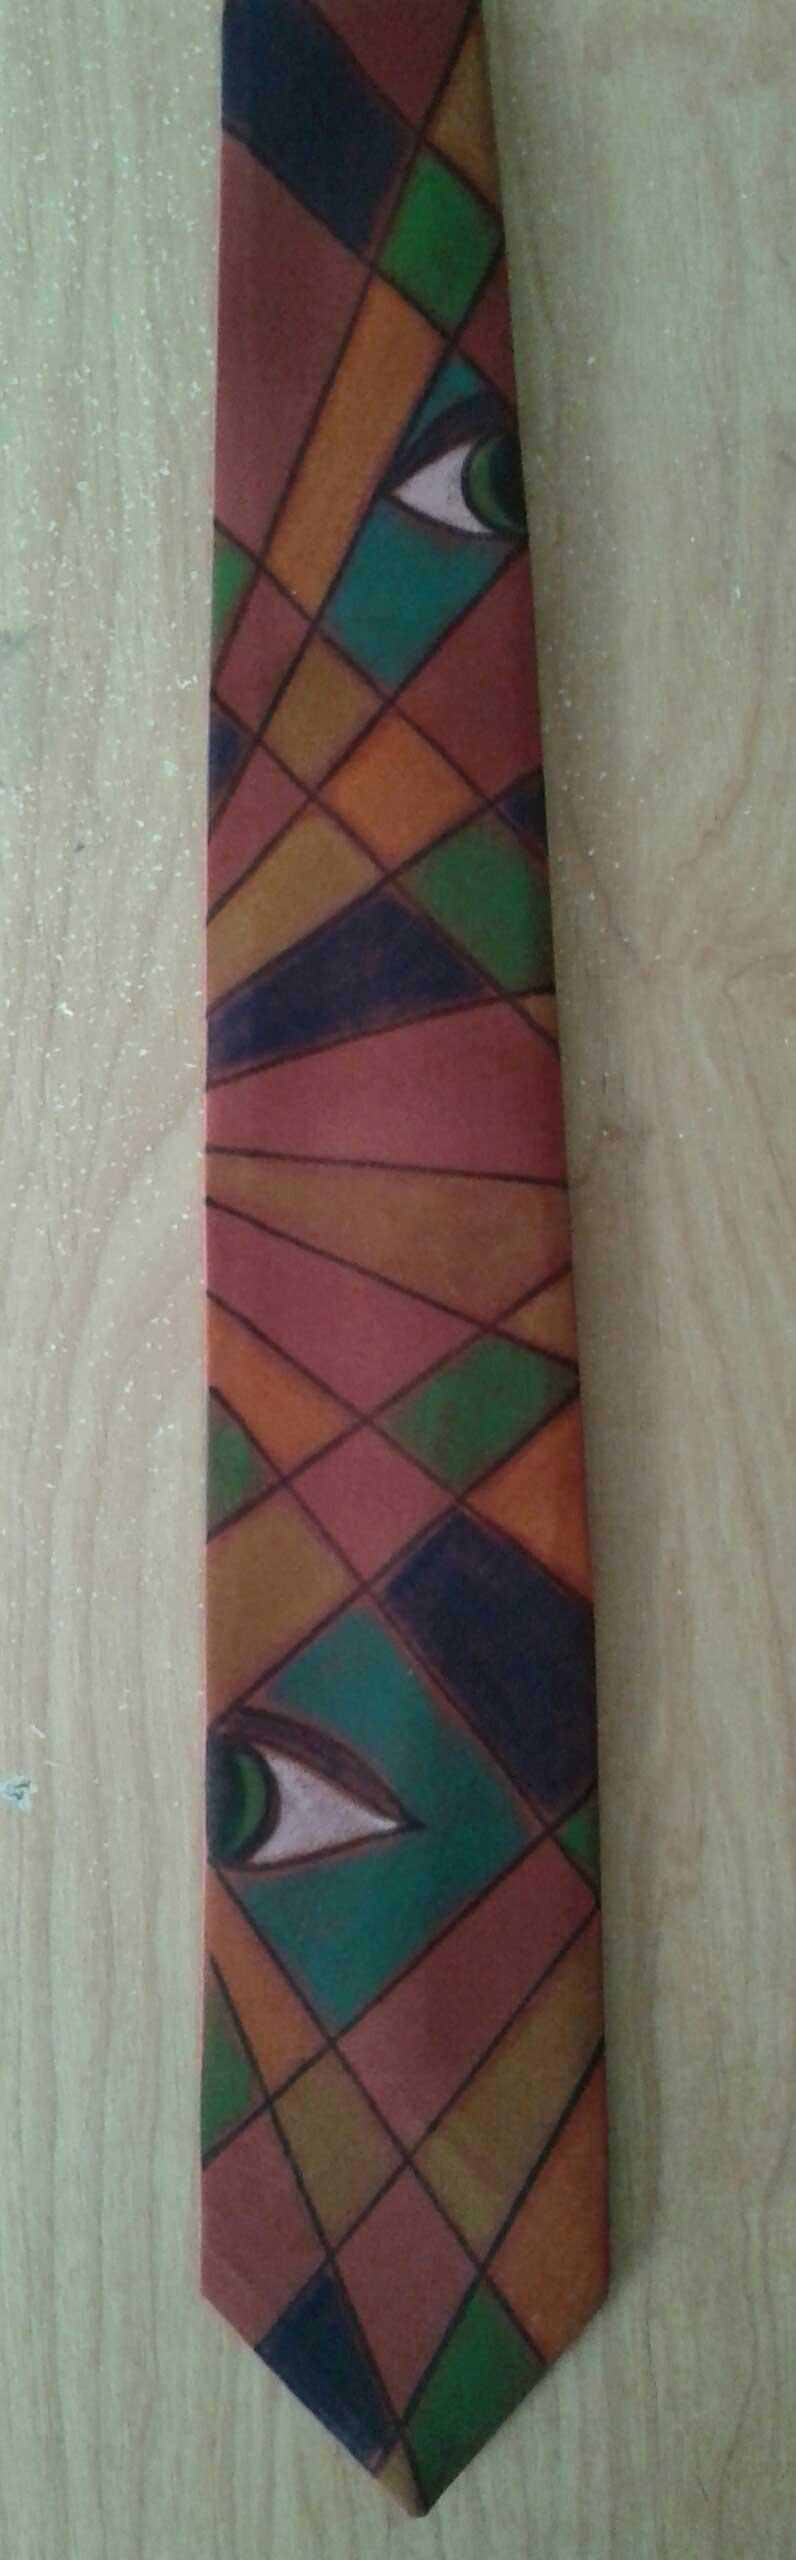 Pastel-Painted-Tie.jpg